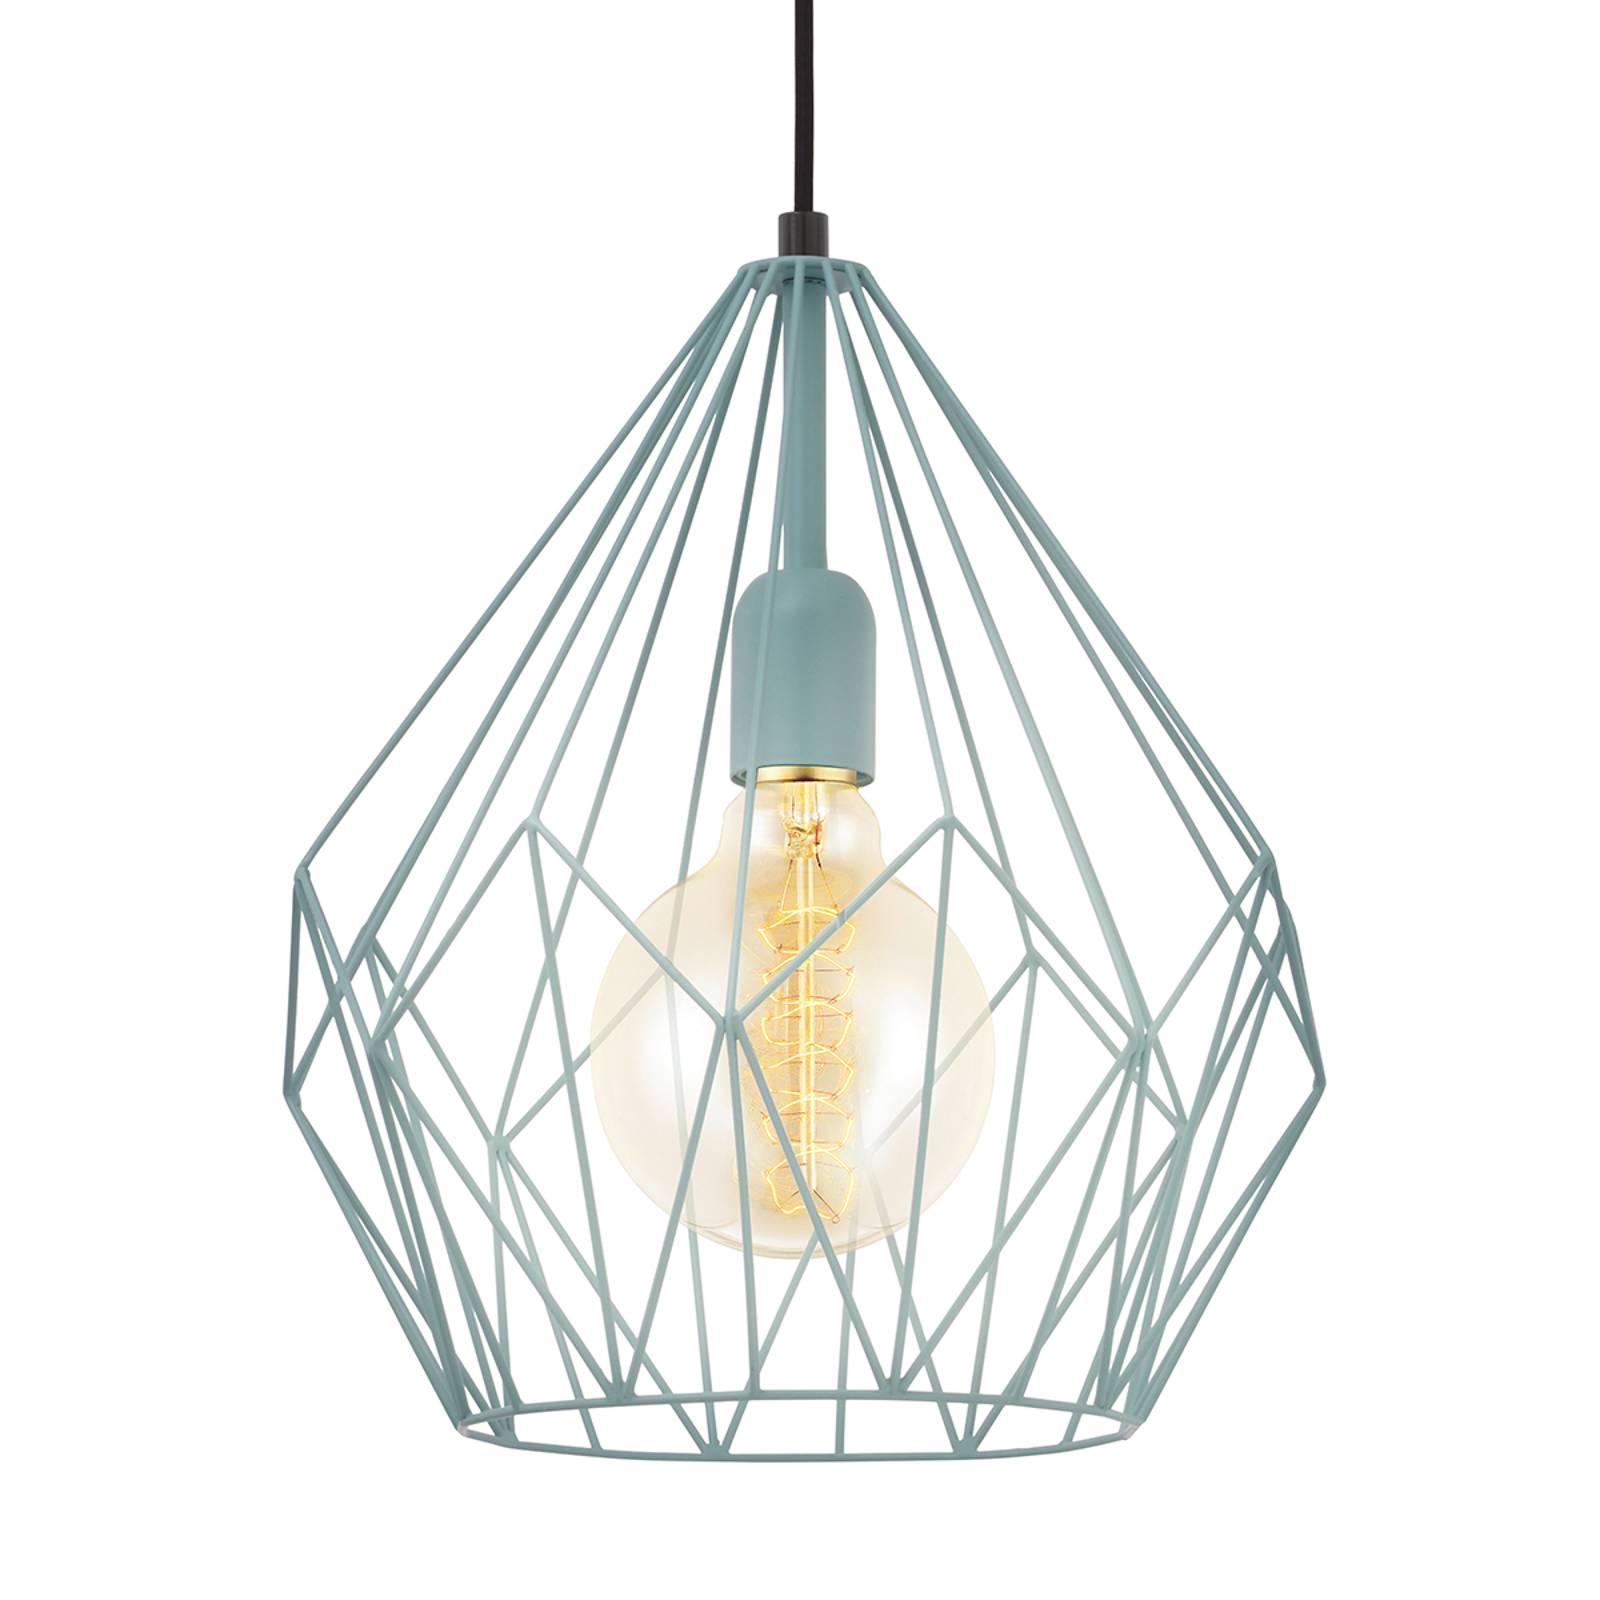 Mintkleurige hanglamp Carlton in vintage look